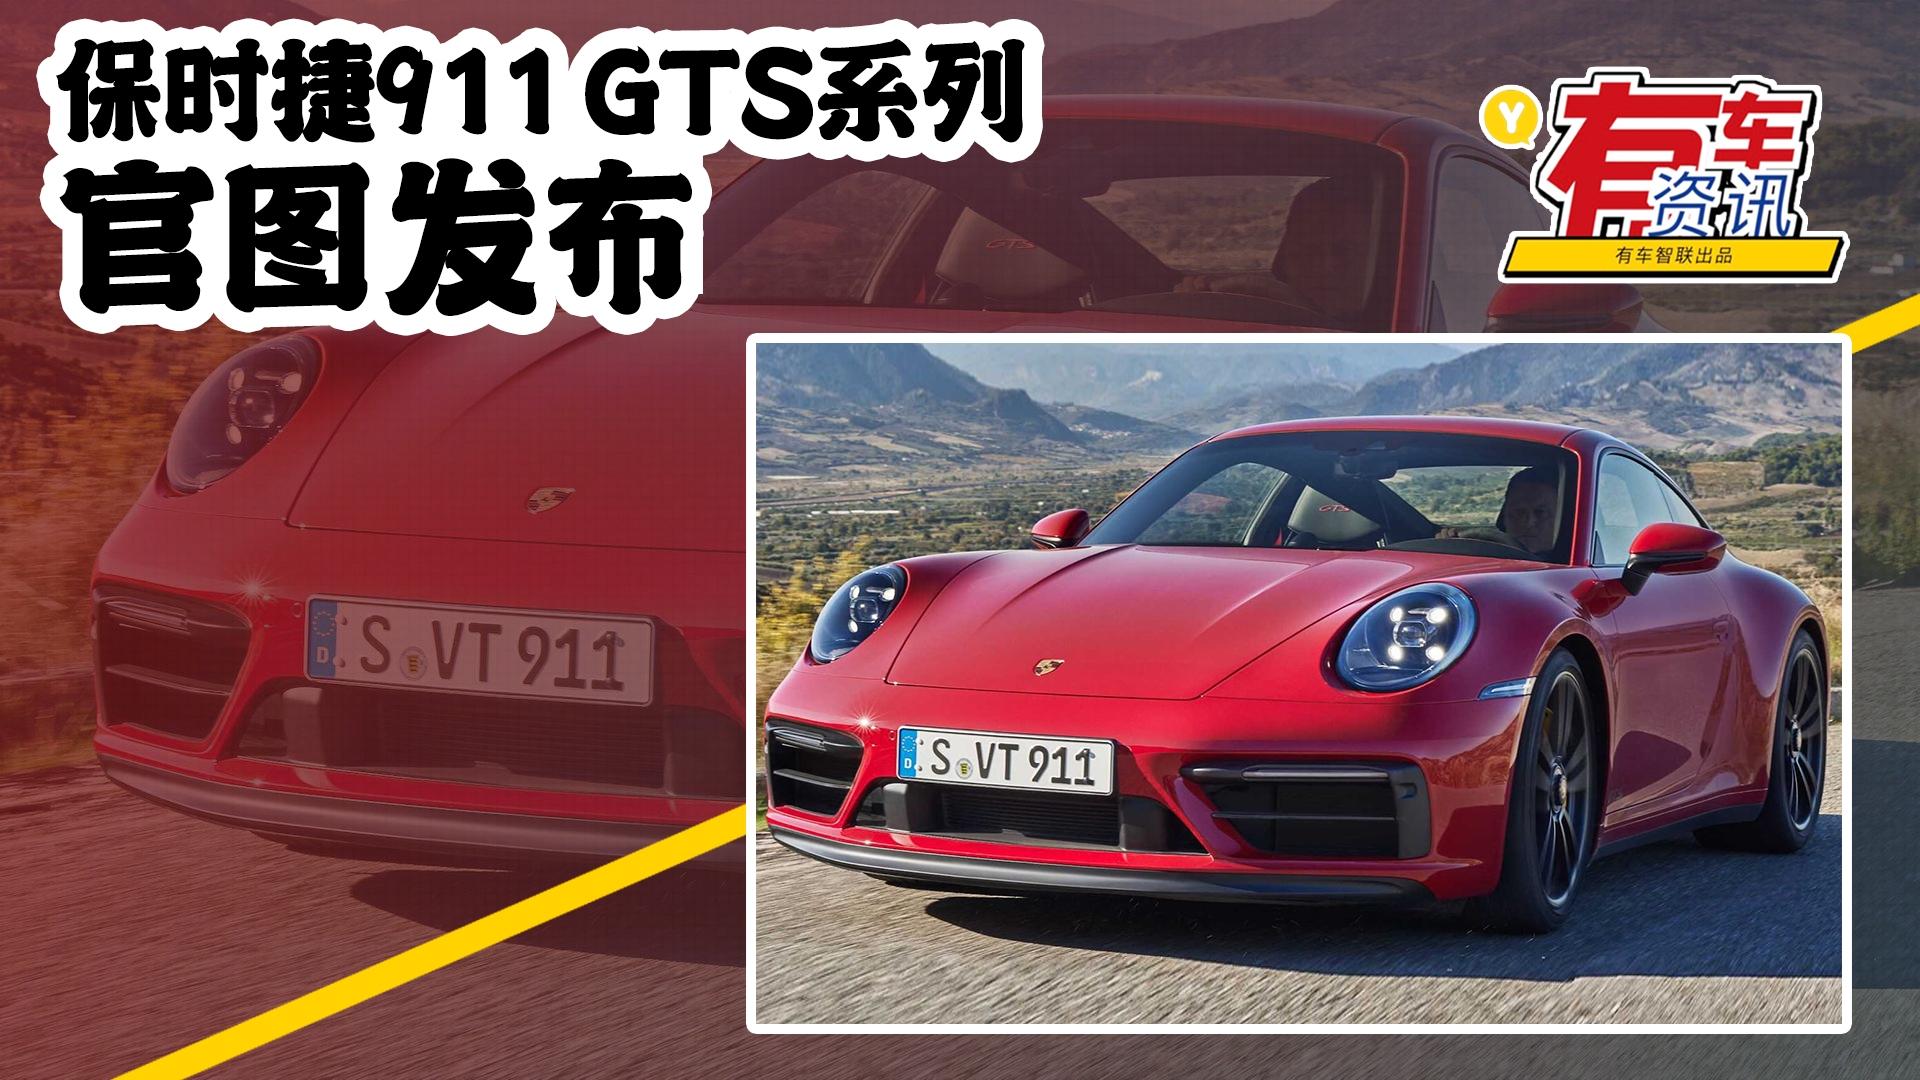 视频:保时捷911 GTS系列官图发布 性能再次提升 可选手动版本